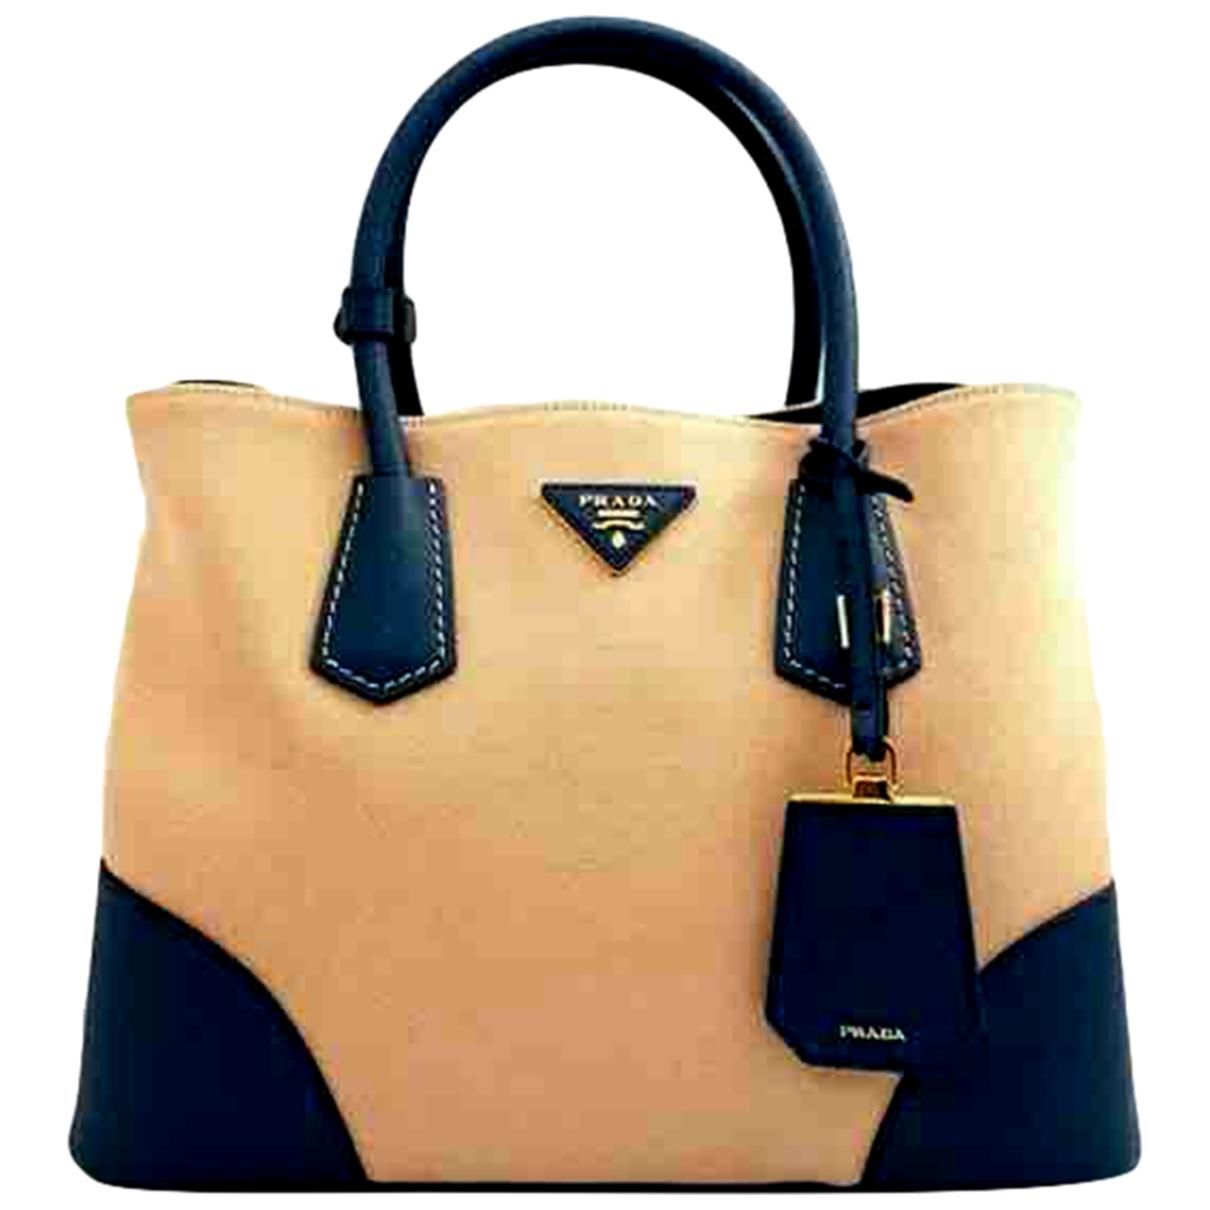 Prada Double Handtasche in  Beige Leder